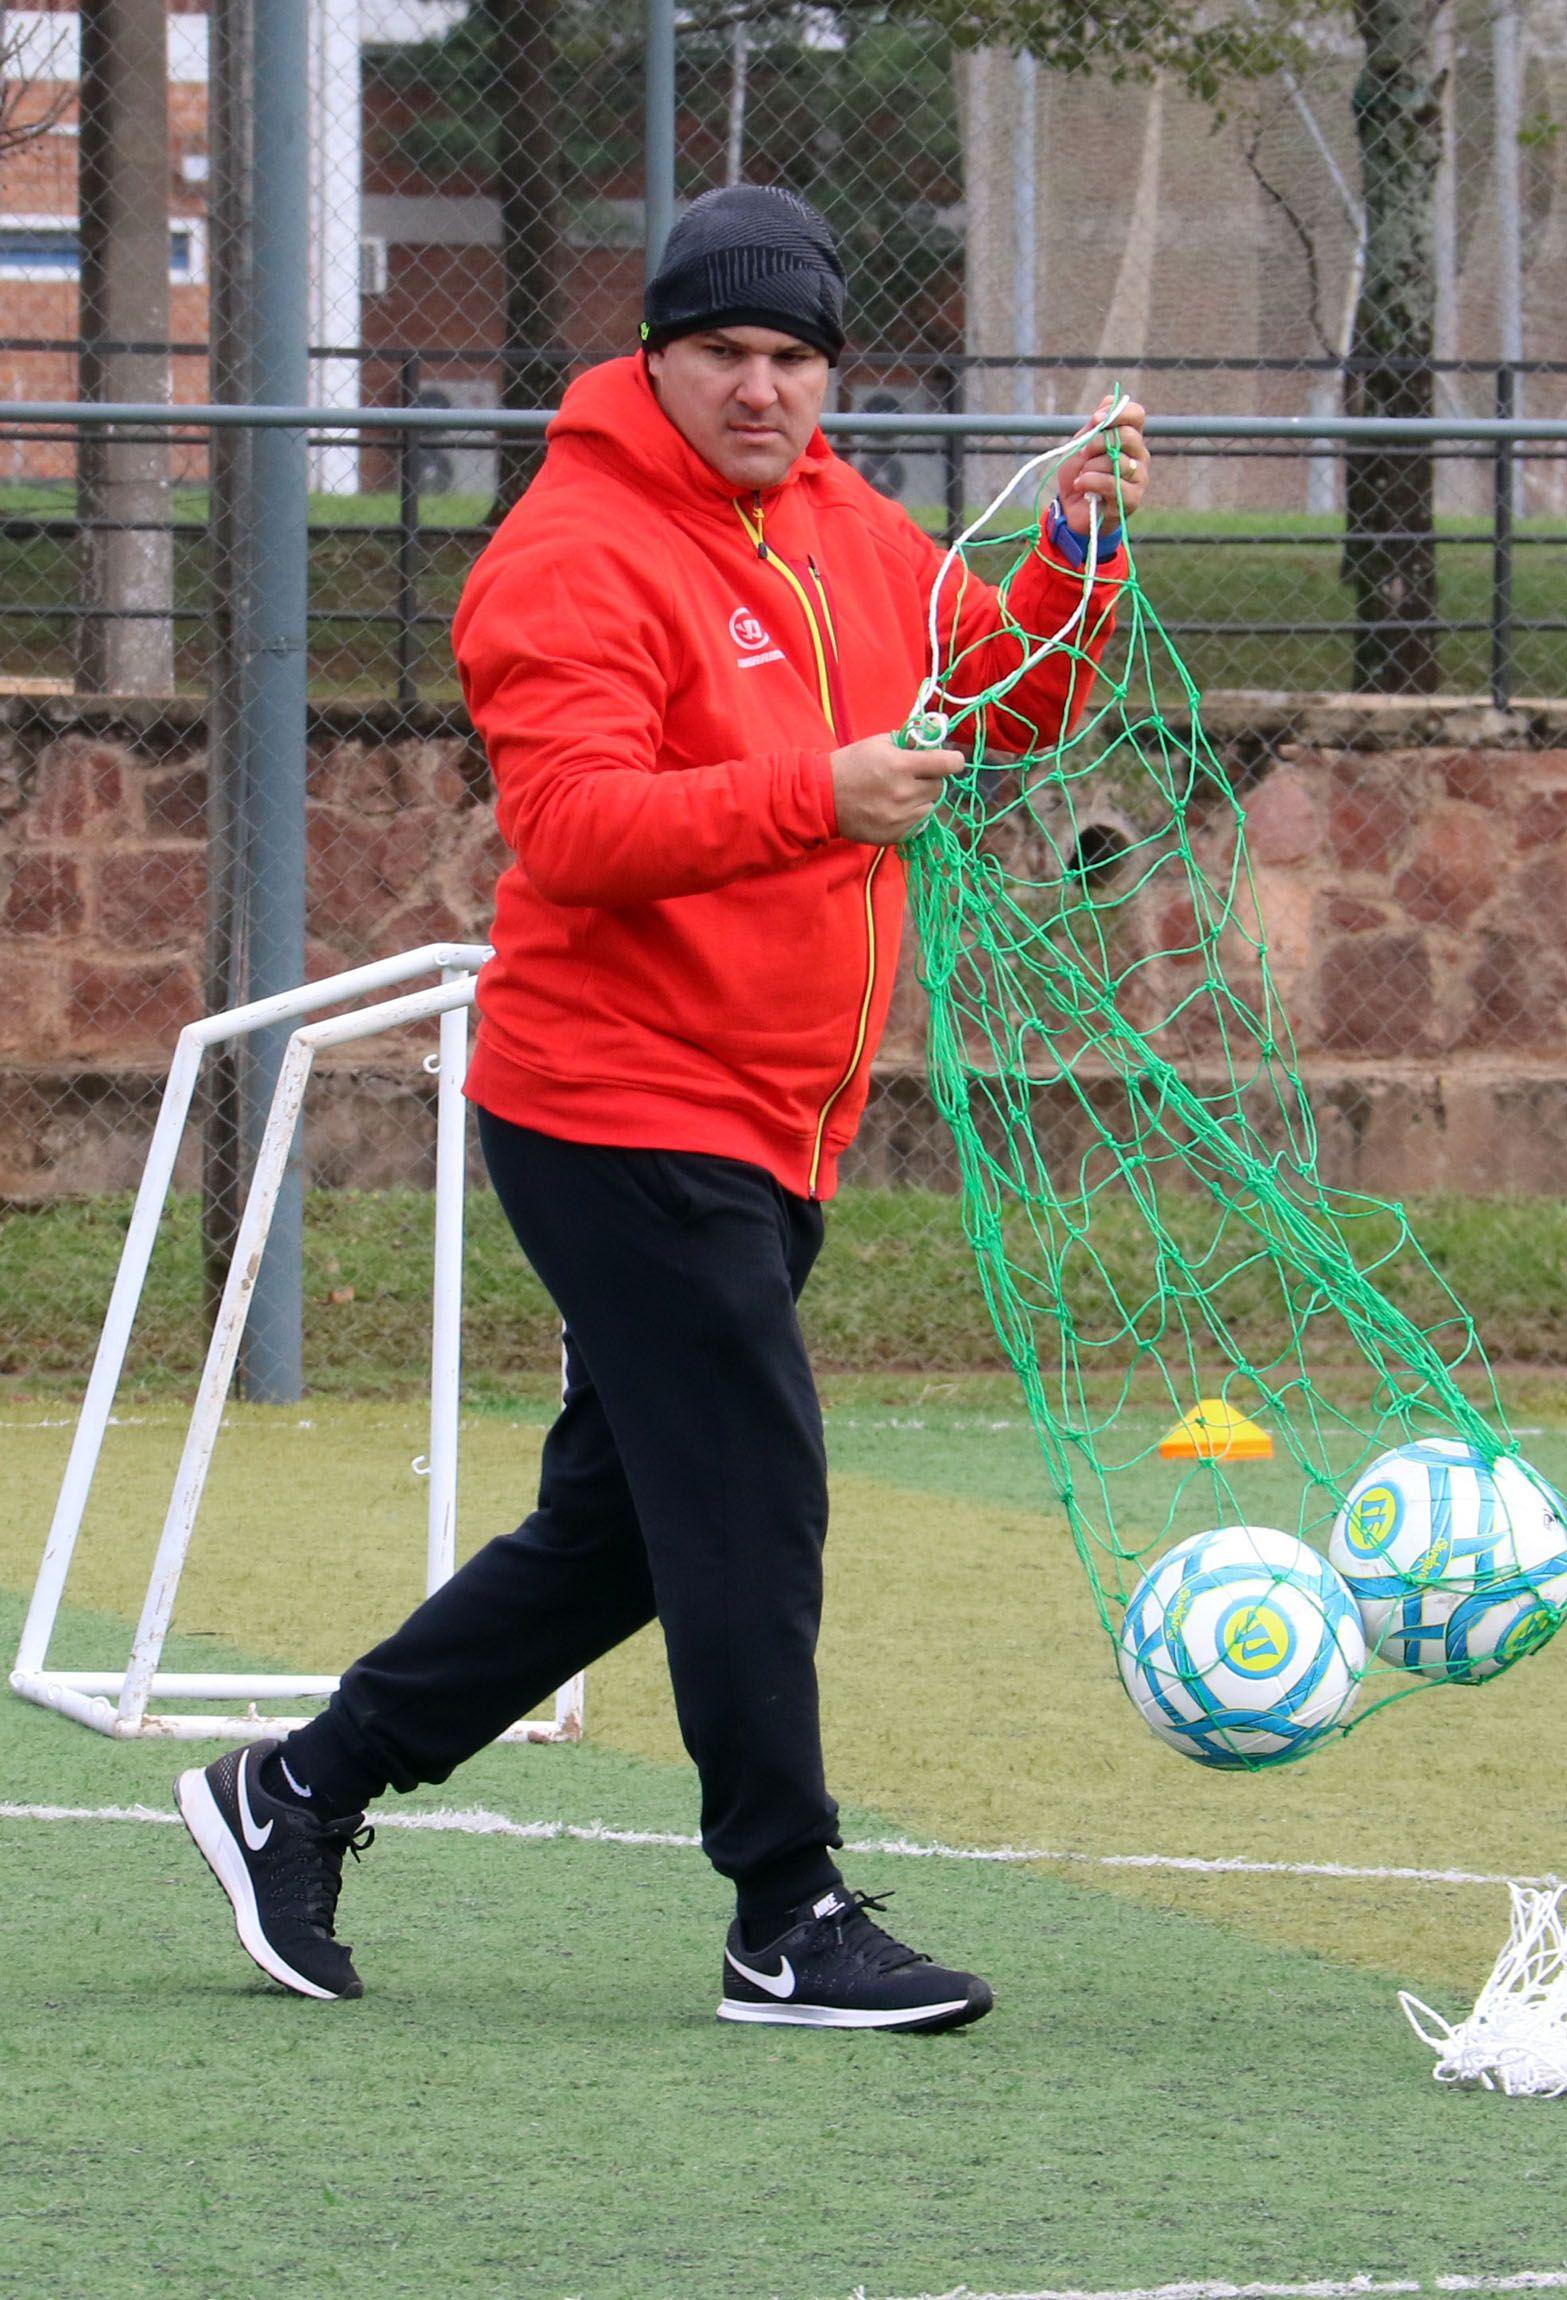 Juberodirige un entrenamiento de fútbol para niños. Foto: EFE